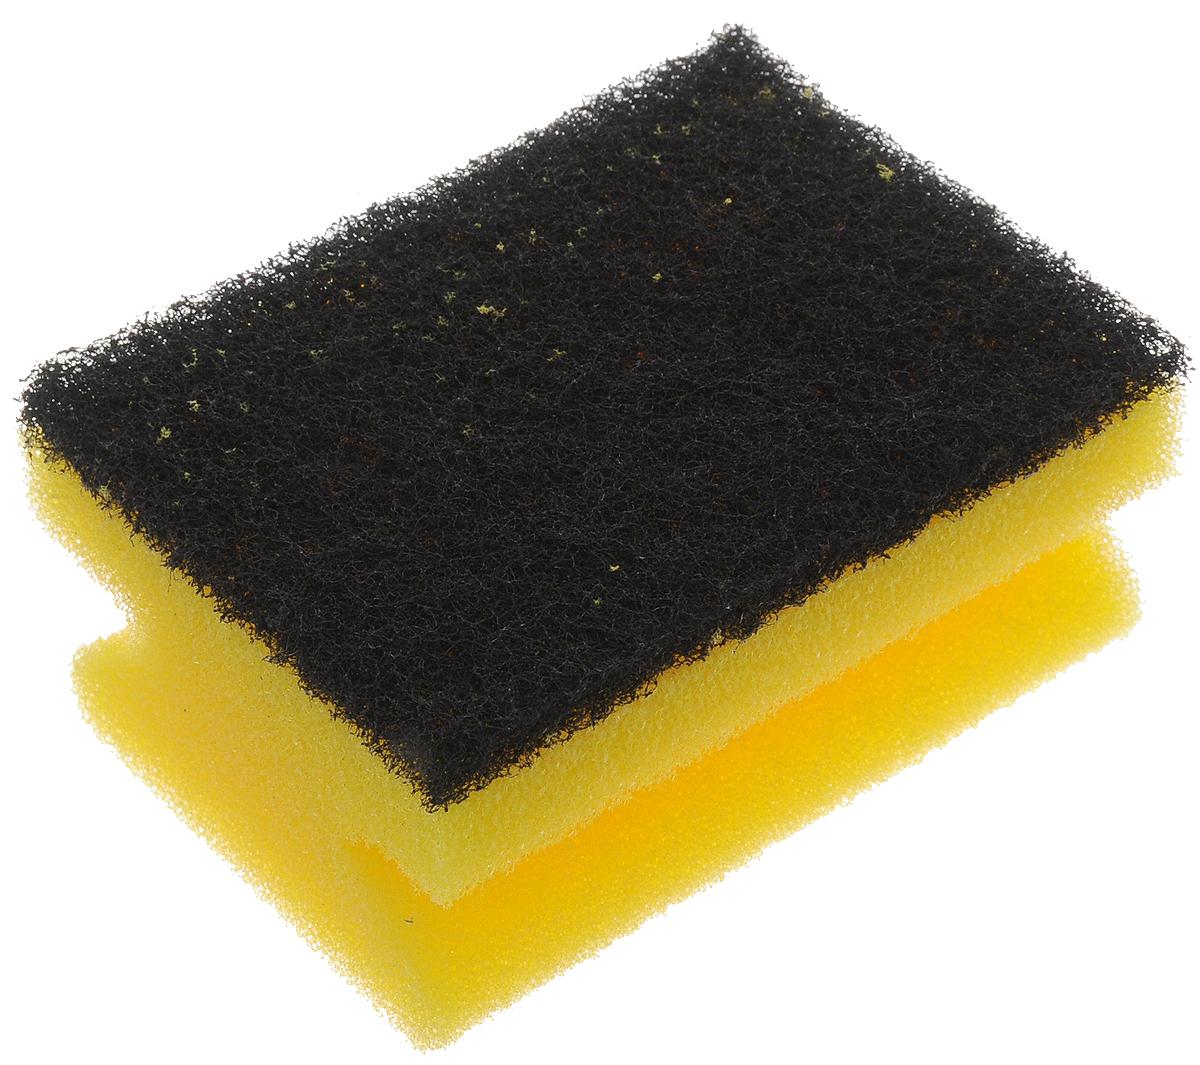 Губка для мытья посуды Paterra Super Aktiv, с лавсаном, 9,5 х 7 х 4,5 см406-007Губка Paterra Super Aktiv выполнена из полиуретана с абразивным слоем с вкраплениями из лавсана для увеличения чистящего эффекта. Губка не деформируется и не крошится при нагрузках. Специальный клеевой шов не позволяет слоям отслаиваться в процессе использования. Губка предназначена для мытья стойких загрязнений на посуде.